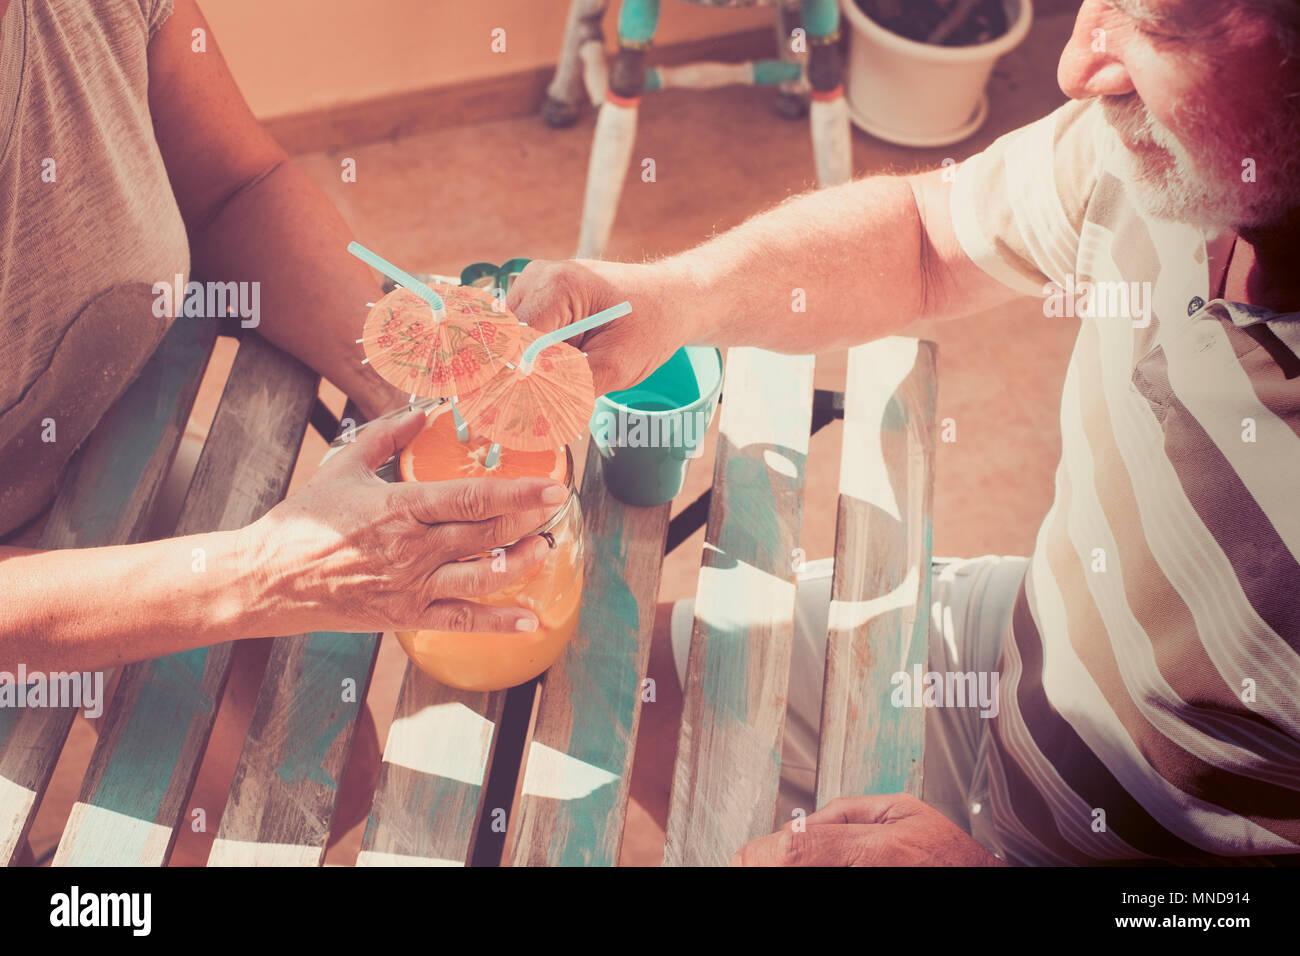 Orario estivo per un paio di senior l uomo e la donna per bere un cocktail di frutta insieme in vacanza. Vecchio stile vintage. Immagini Stock